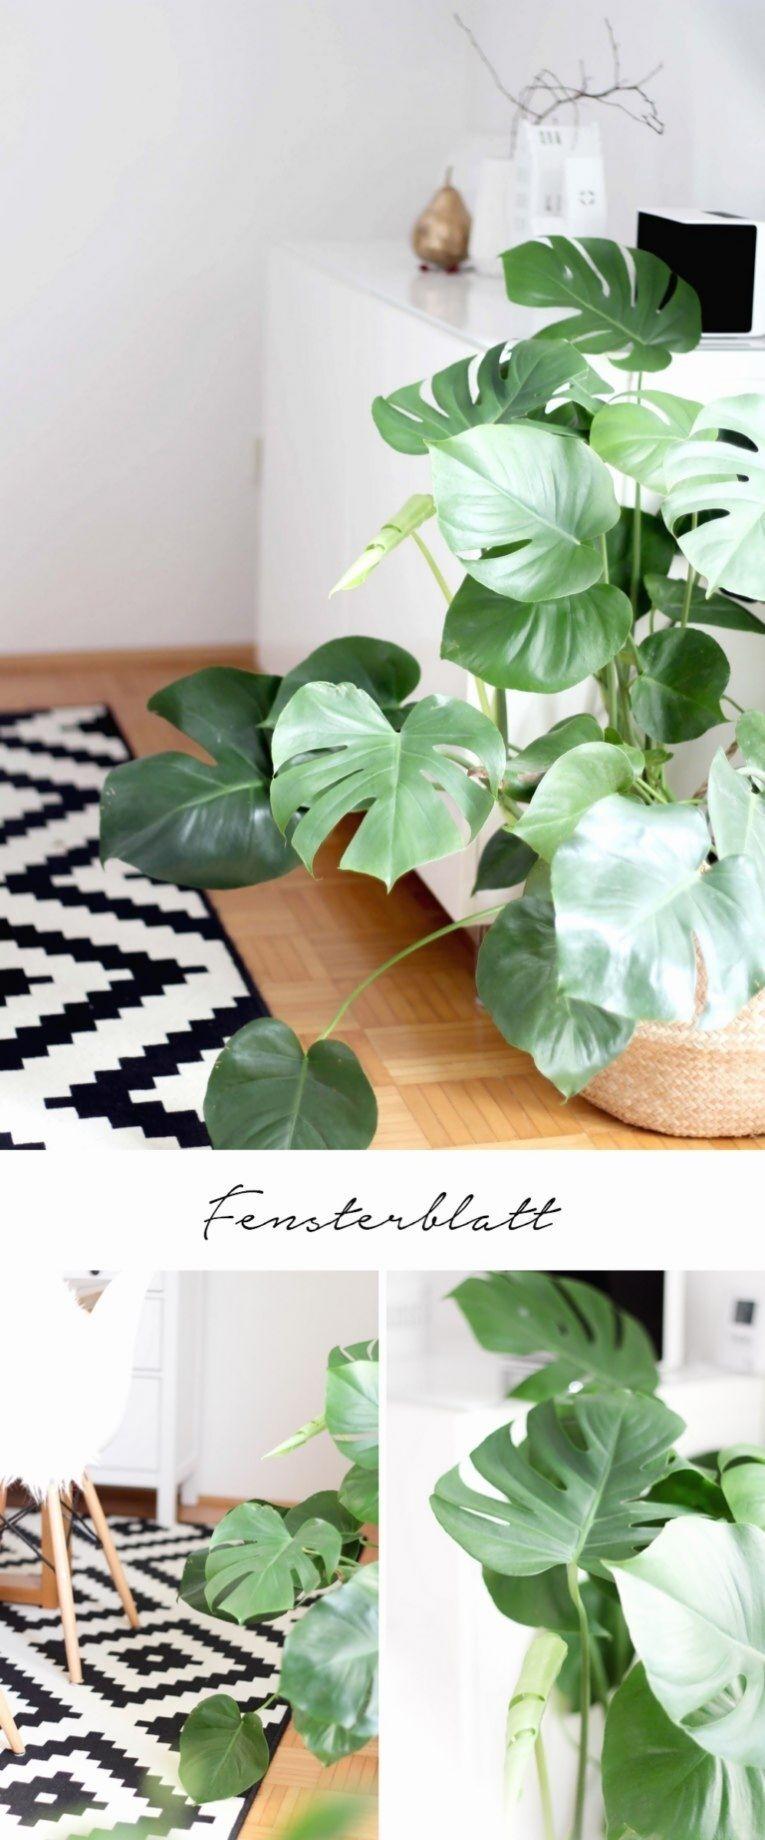 5 Pflegeleichte Zimmerpflanzen Und Meine Neuen Blumentopfe Aus Der Zalando Lounge Provinzkin In 2020 Pflegeleichte Zimmerpflanzen Zimmerpflanzen Zimmerpflanzen Ideen